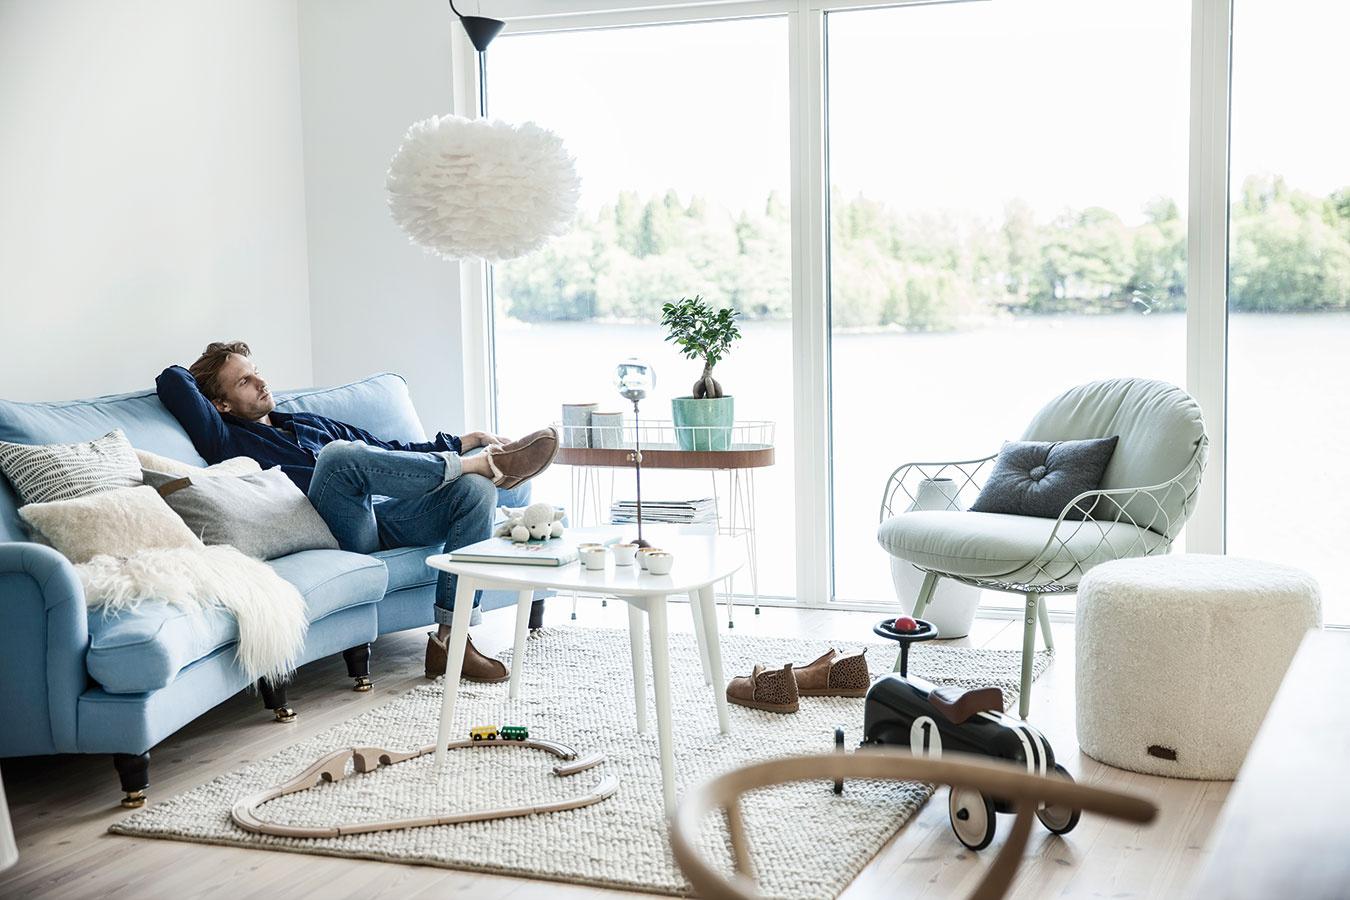 Kombinácia rôznych sedení je snáď najjednoduchšia cesta ku vkusnej obývačke. Namiesto fádnej zostavy sedačky a kresla z jednej série siahnite radšej po výraznejšom kúsku, ktorým oživíte praktickú a pohodlnú sofu.